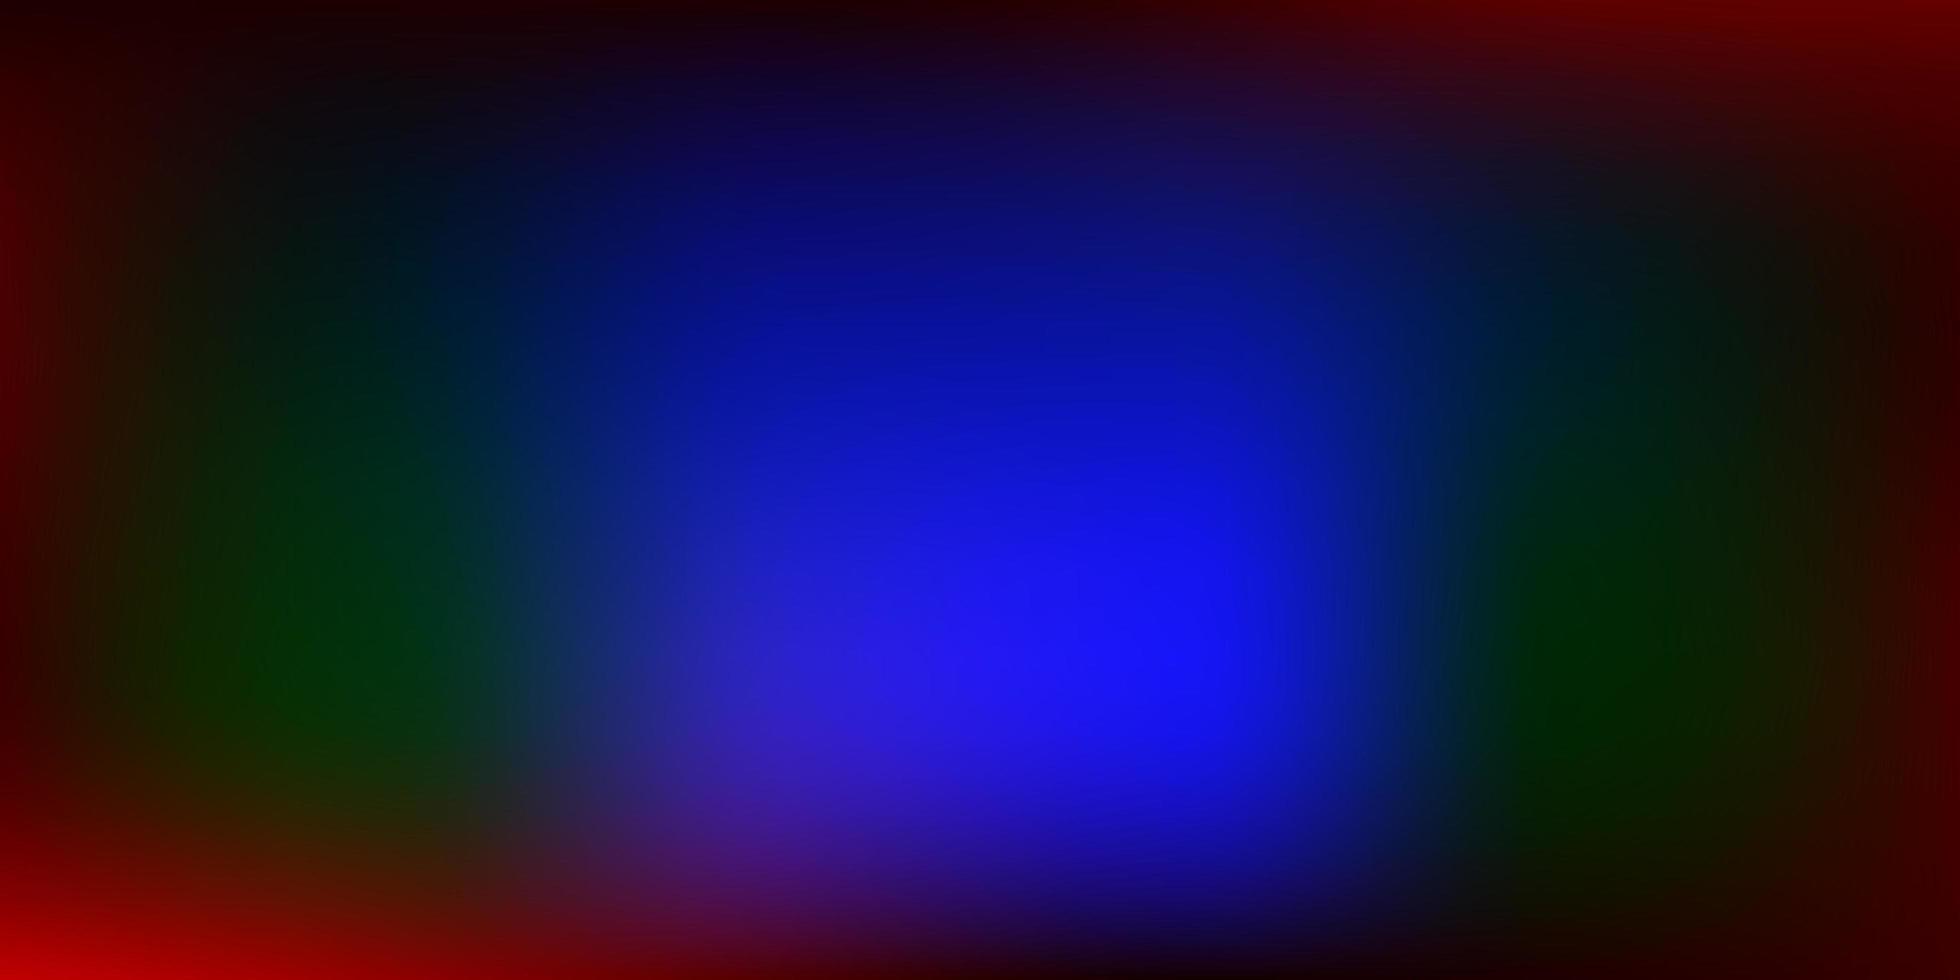 fundo desfocado vector multicolor escuro.